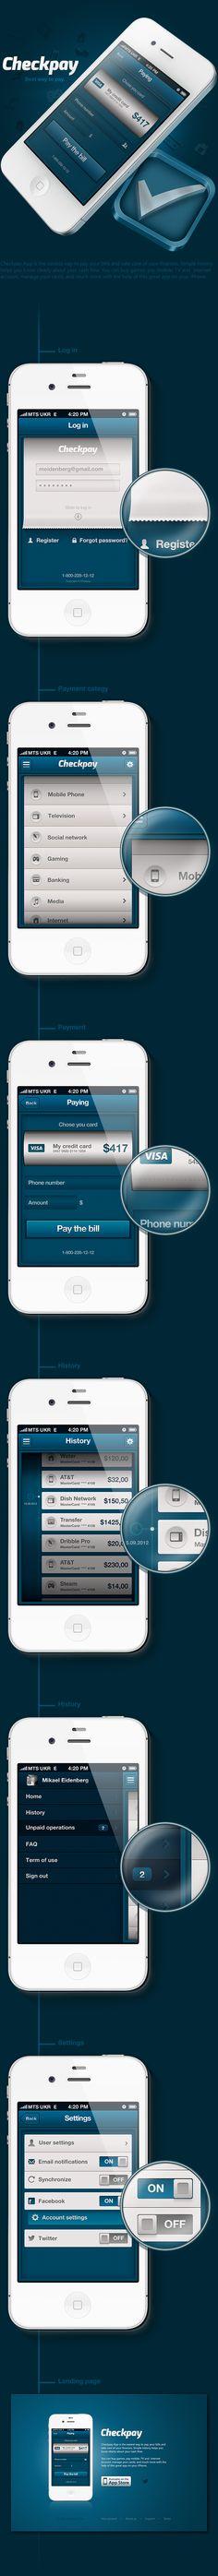 Checkpay App by BLASTAROCKS, via Behance